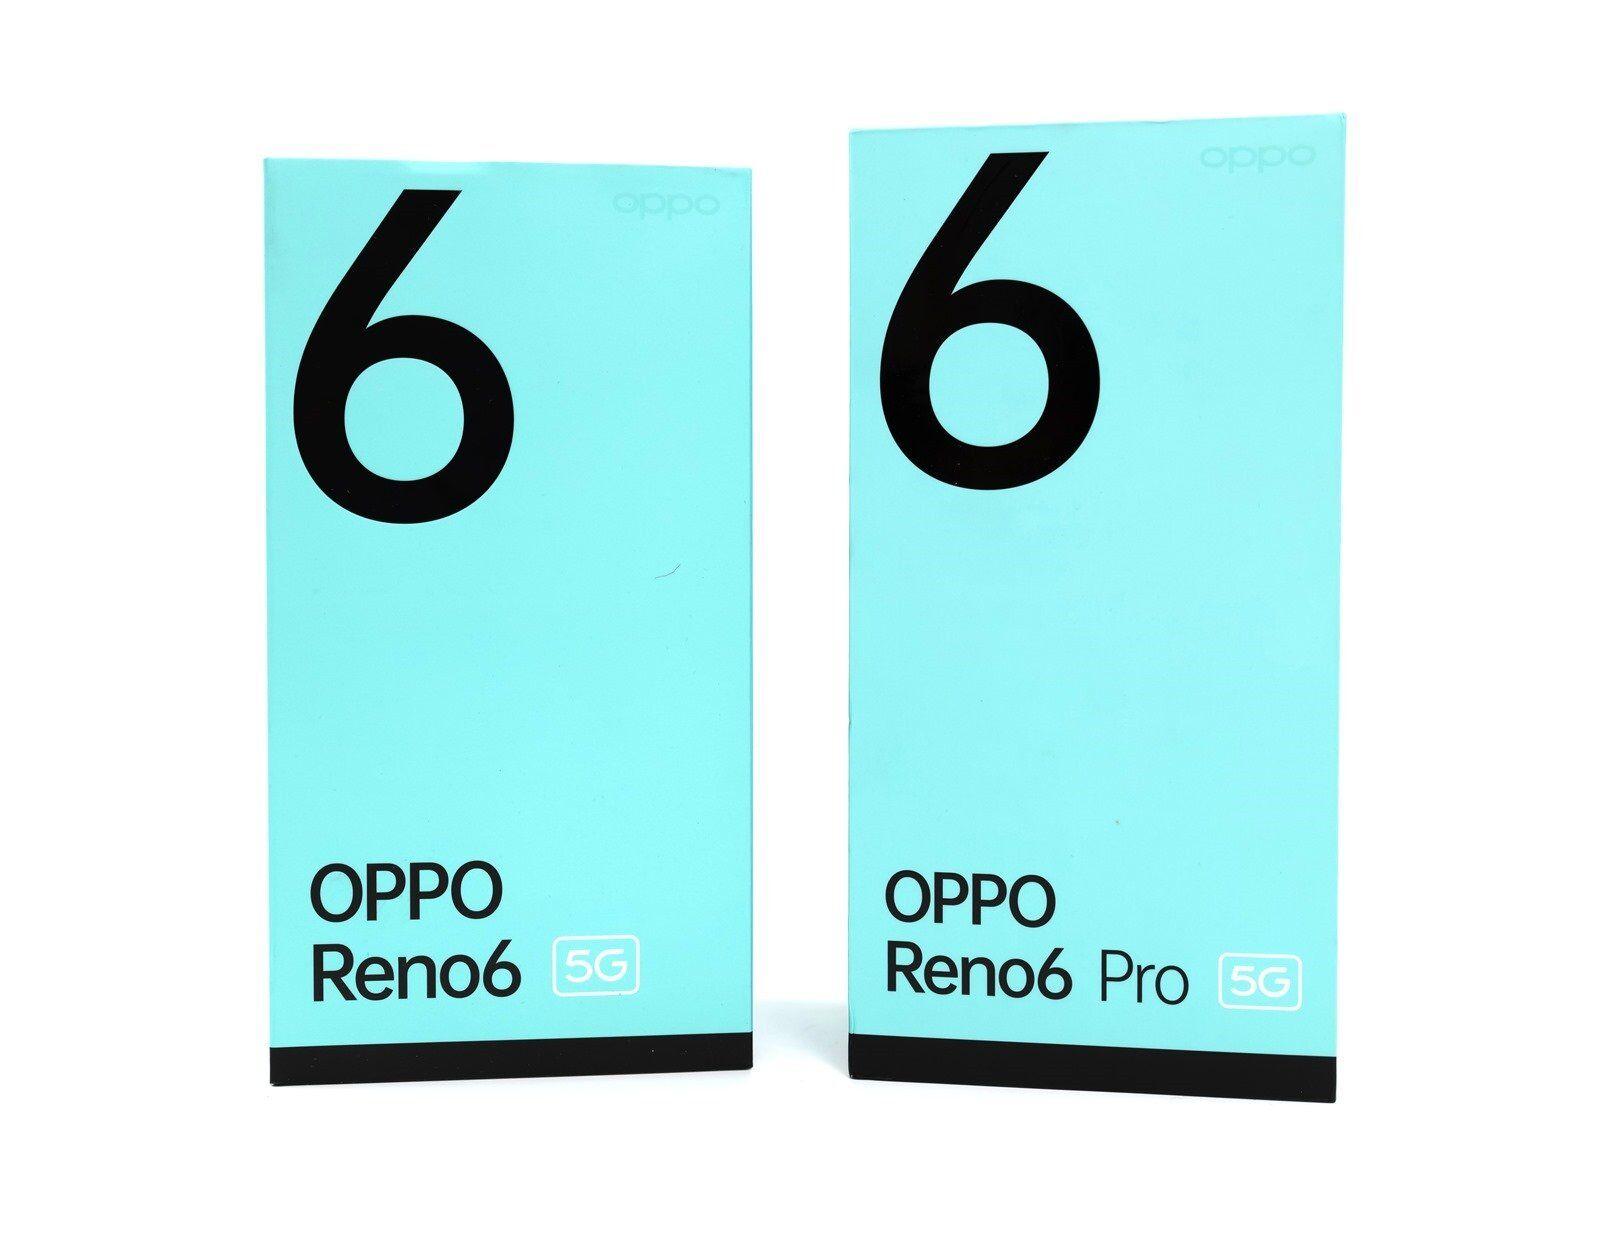 新設計新相機!OPPO Reno6 Pro / Reno6 完整評測介紹!輕薄好拍照真是好看! @3C 達人廖阿輝